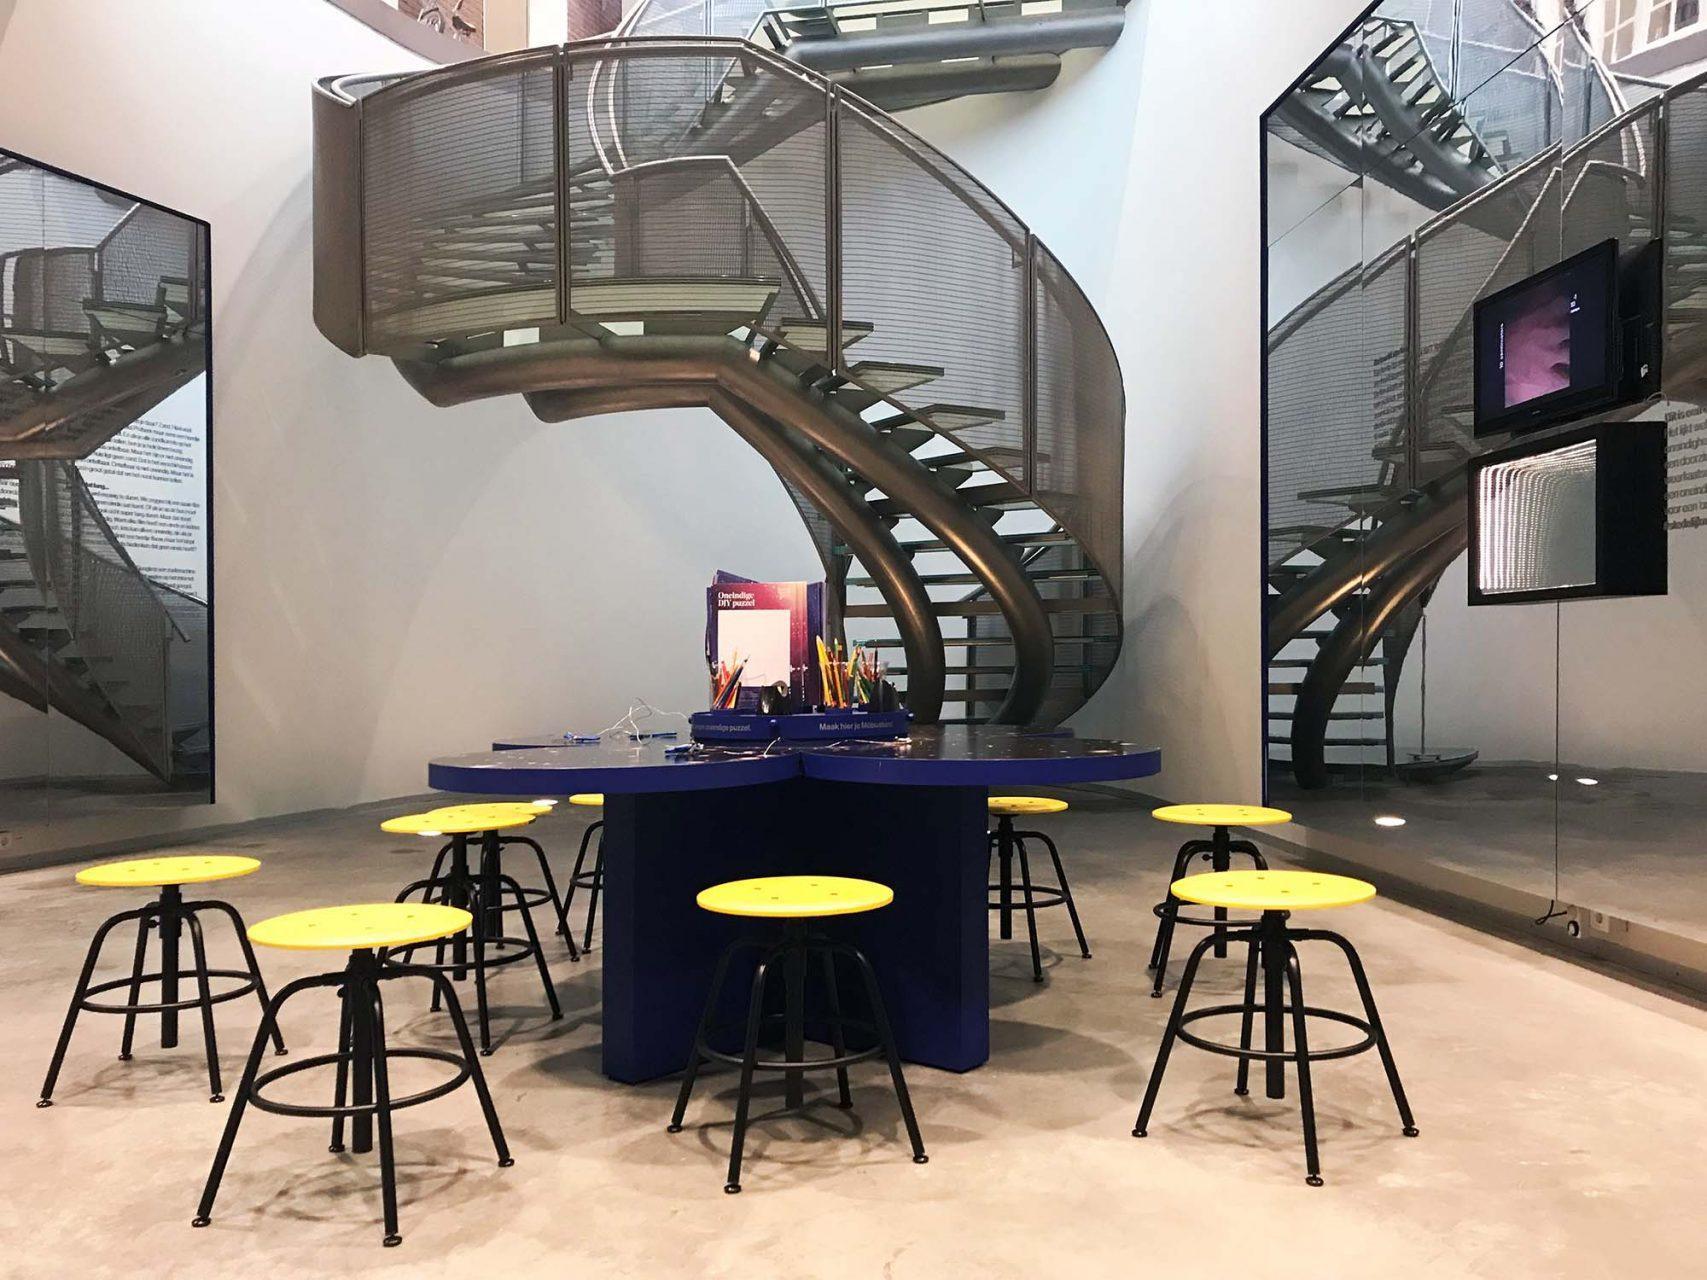 Stedelijk Museum Breda. Kern des Museums ist die Lernwerkstatt für Kinder und Jugendliche.